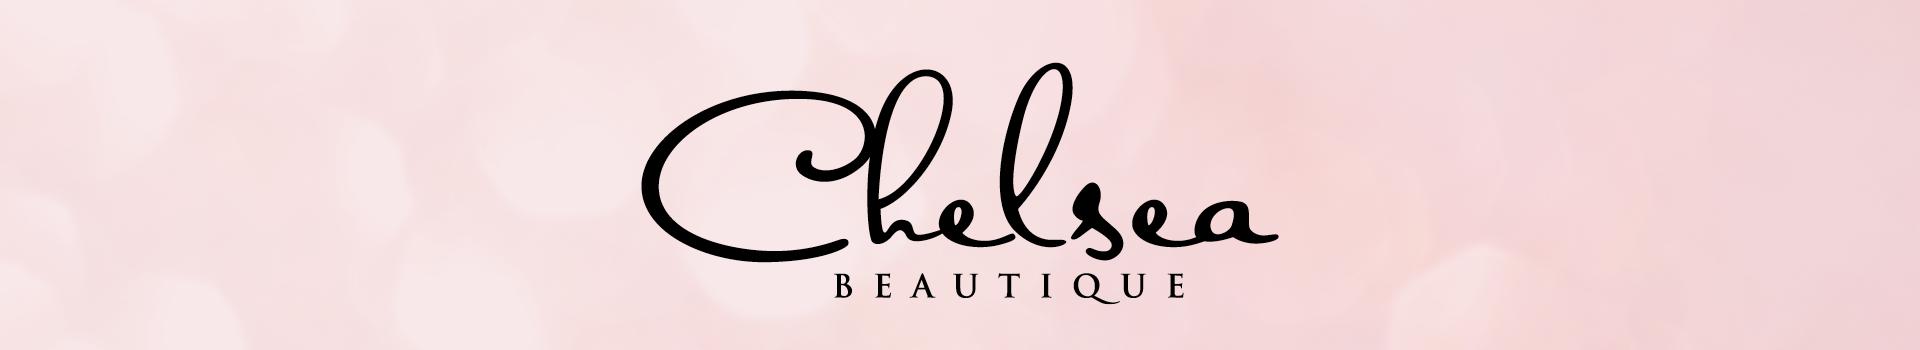 Banner Merk Chelsea Beautique